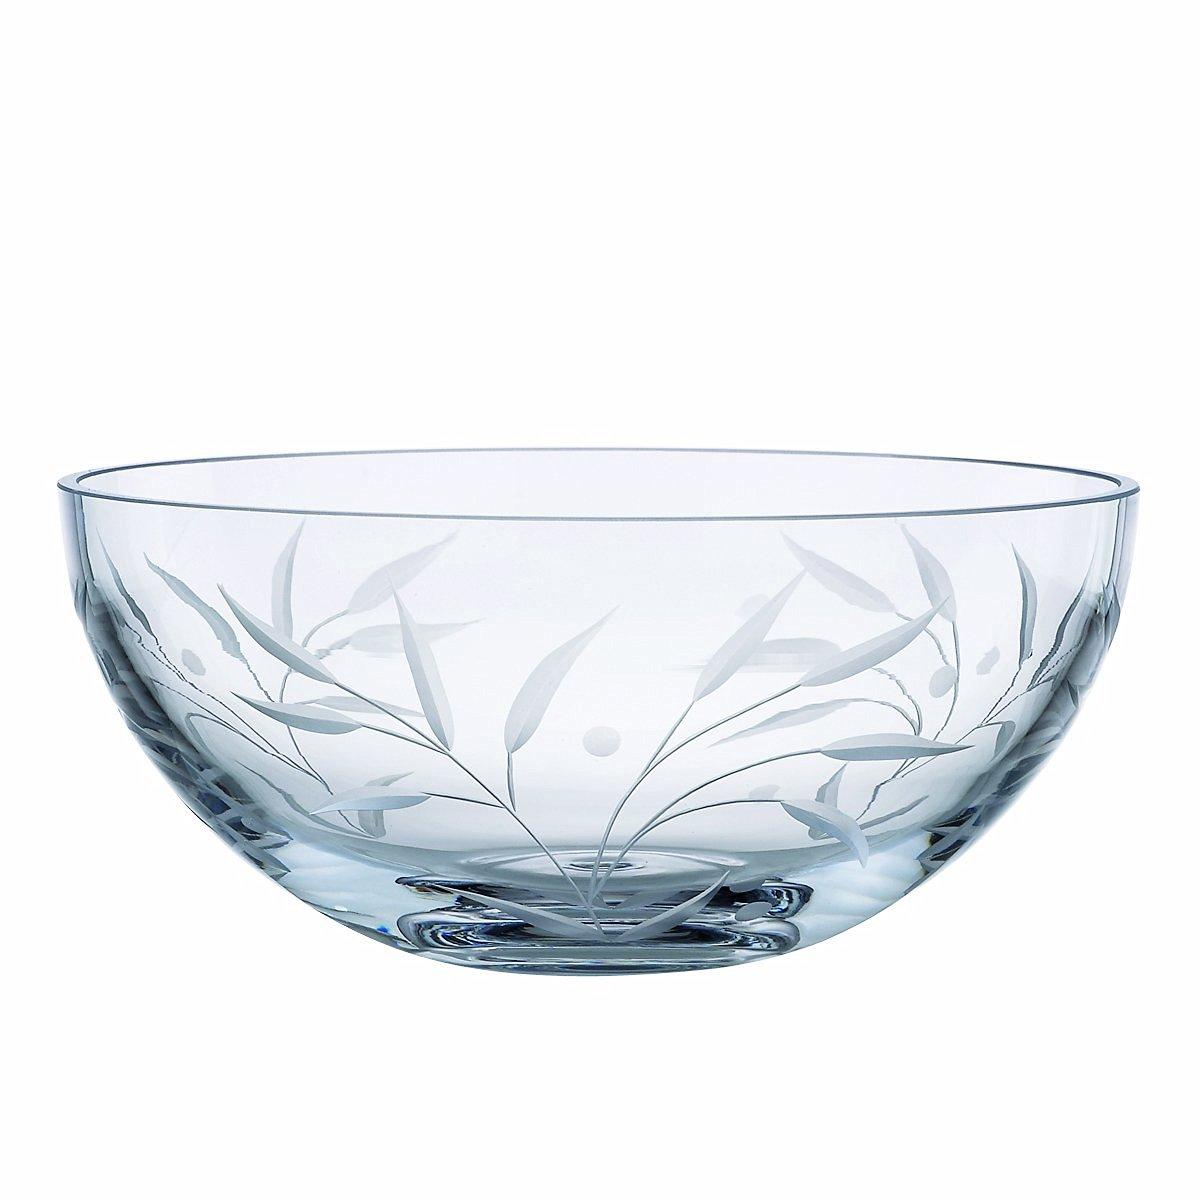 Buy lenox opal innocence crystal bud vase in cheap price on m lenox opal innocence crystal 7 inch peony bowl reviewsmspy